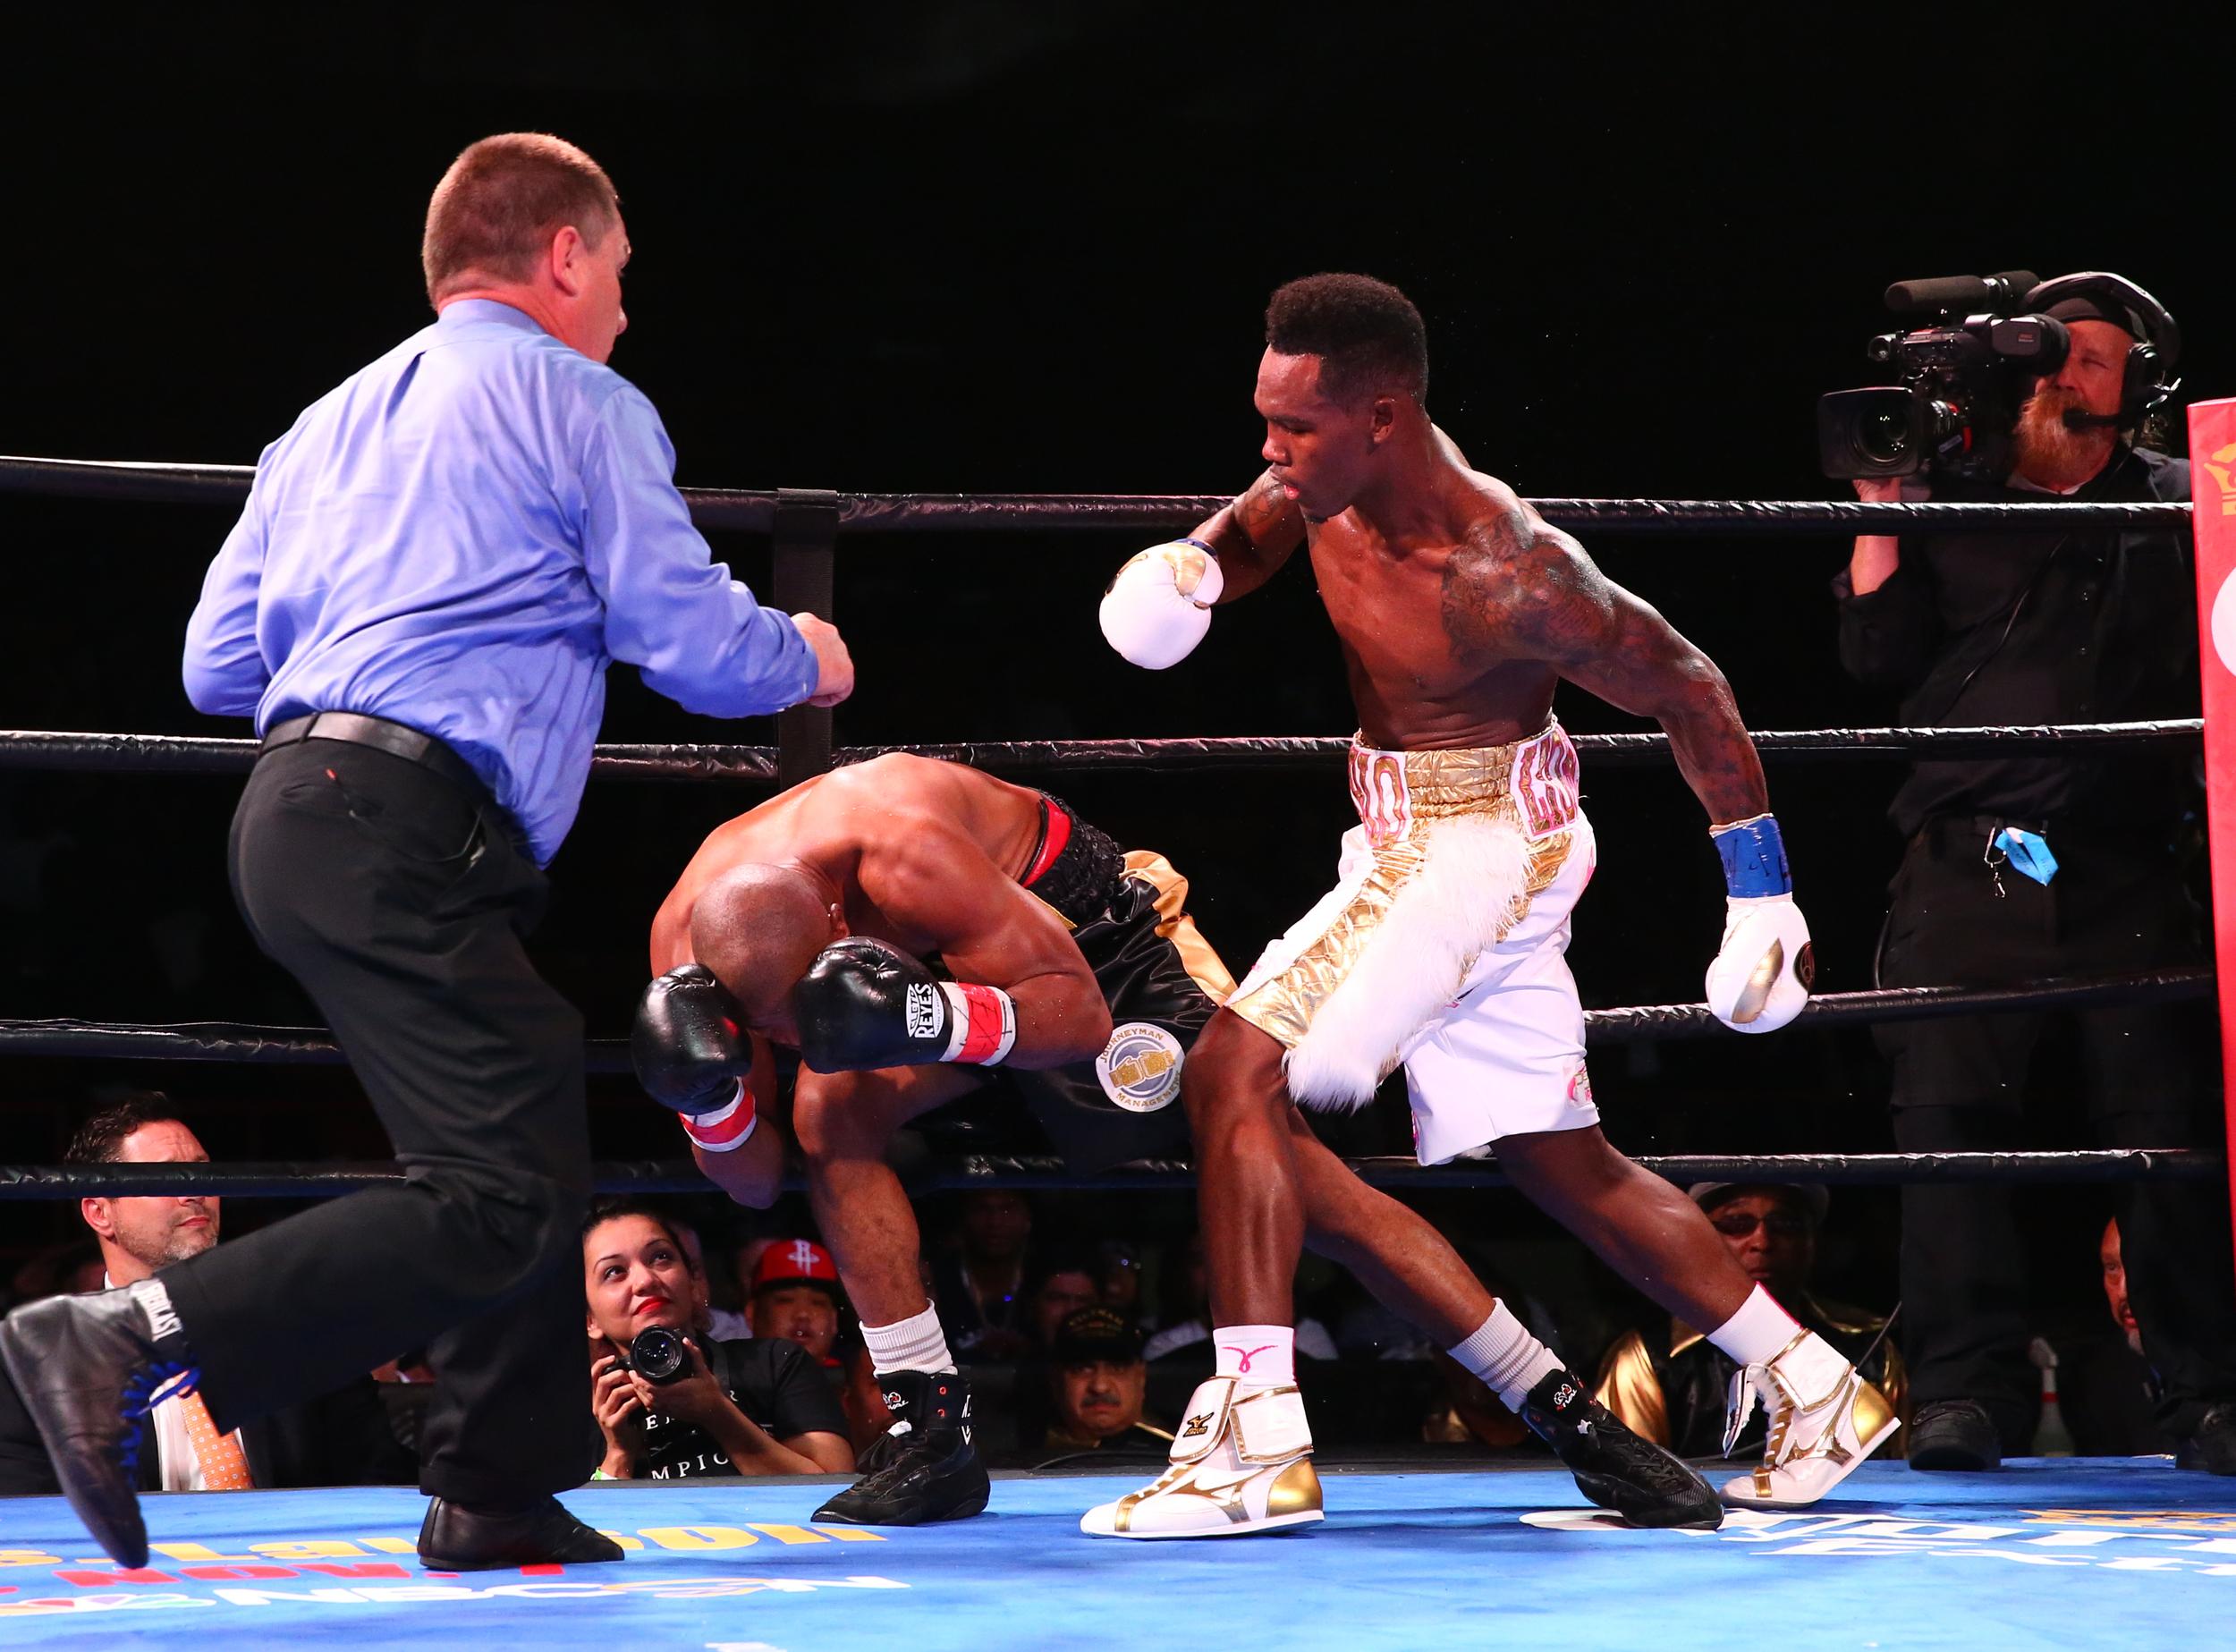 SASP- 20151031 - PBC Boxing - 2325 - 5212.JPG